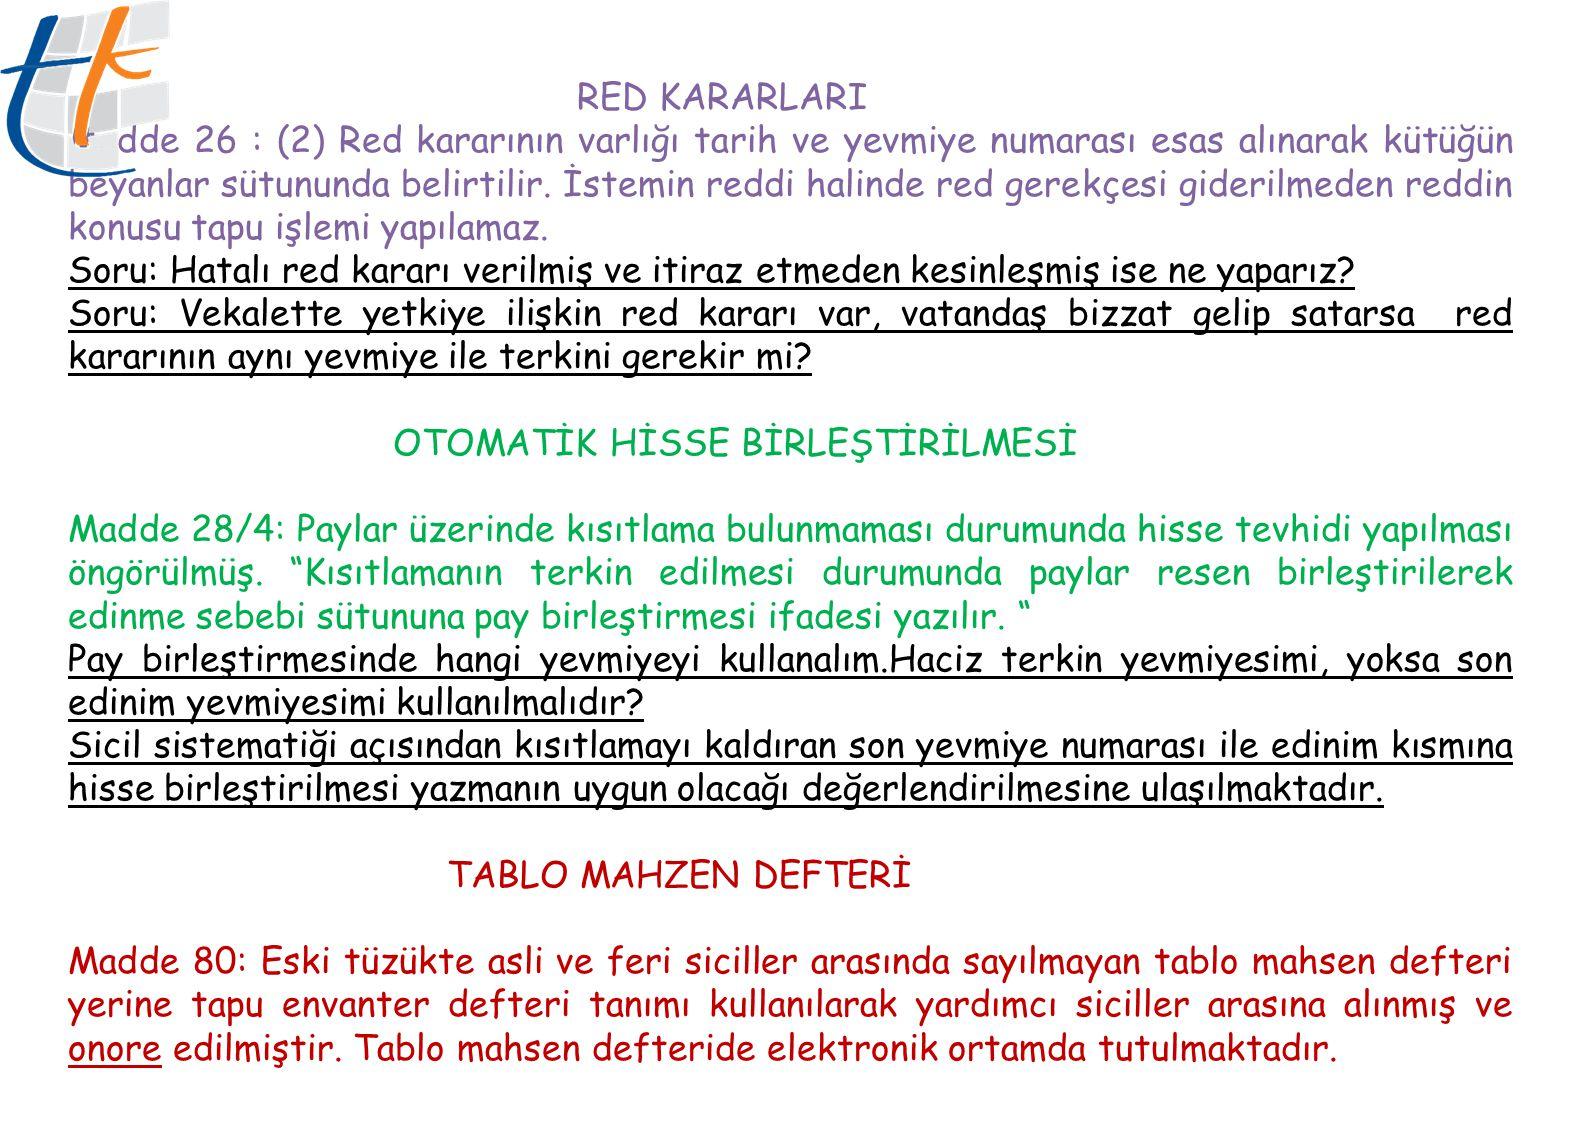 RED KARARLARI Madde 26 : (2) Red kararının varlığı tarih ve yevmiye numarası esas alınarak kütüğün beyanlar sütununda belirtilir. İstemin reddi halind